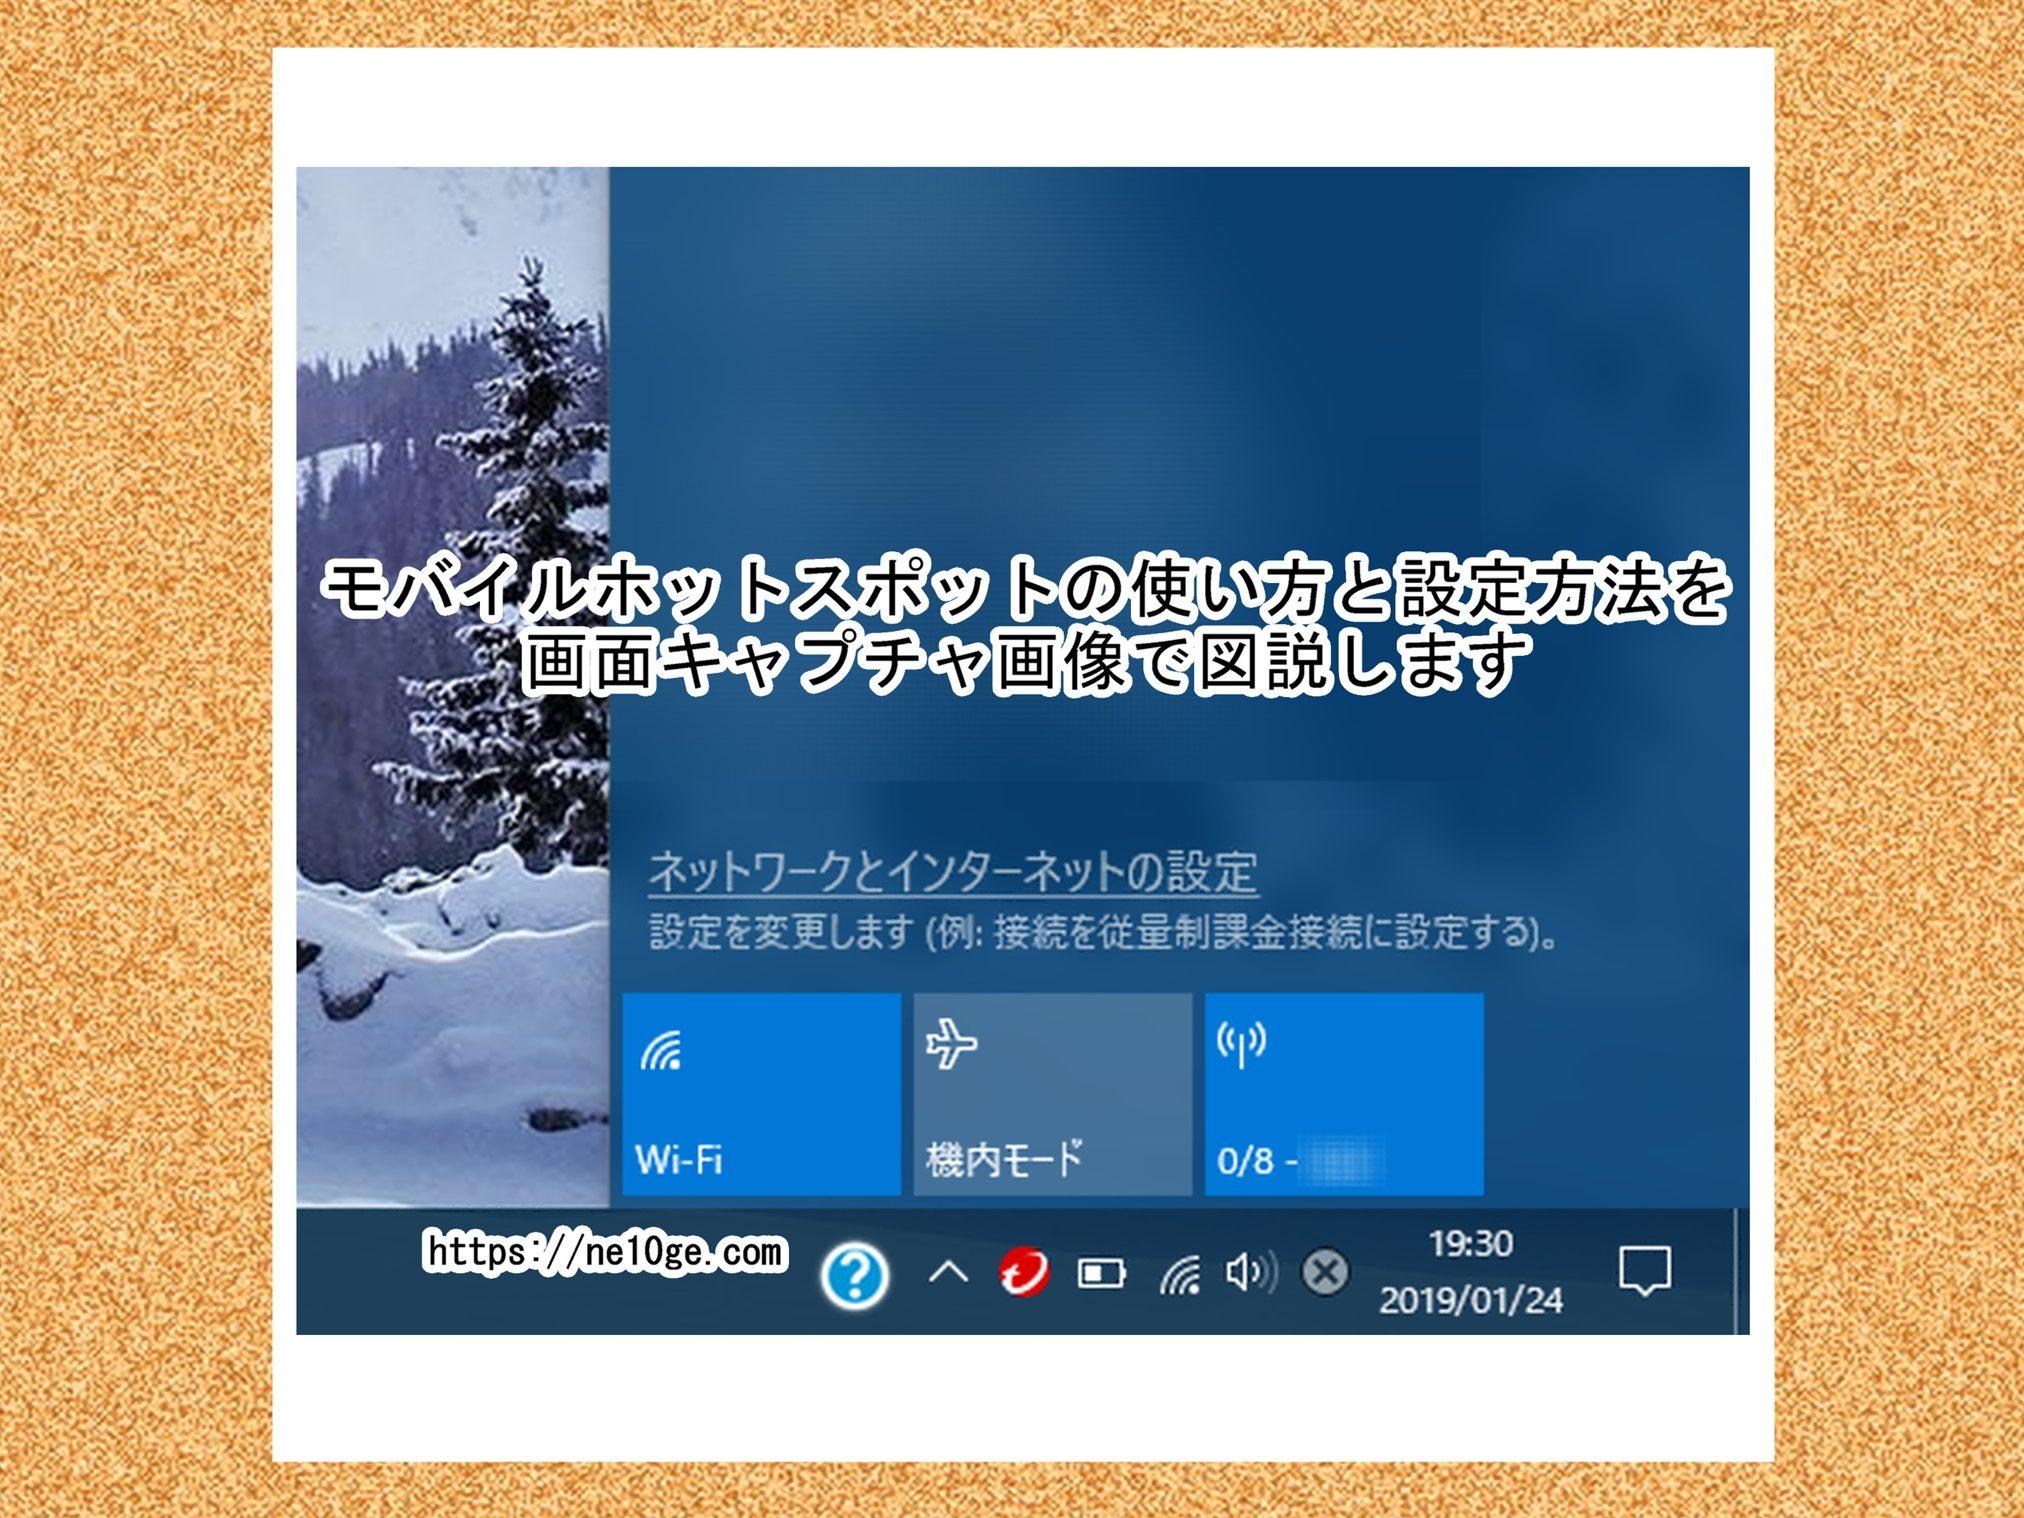 モバイルホットスポットの使い方と設定方法を画面キャプチャ画像で図説します